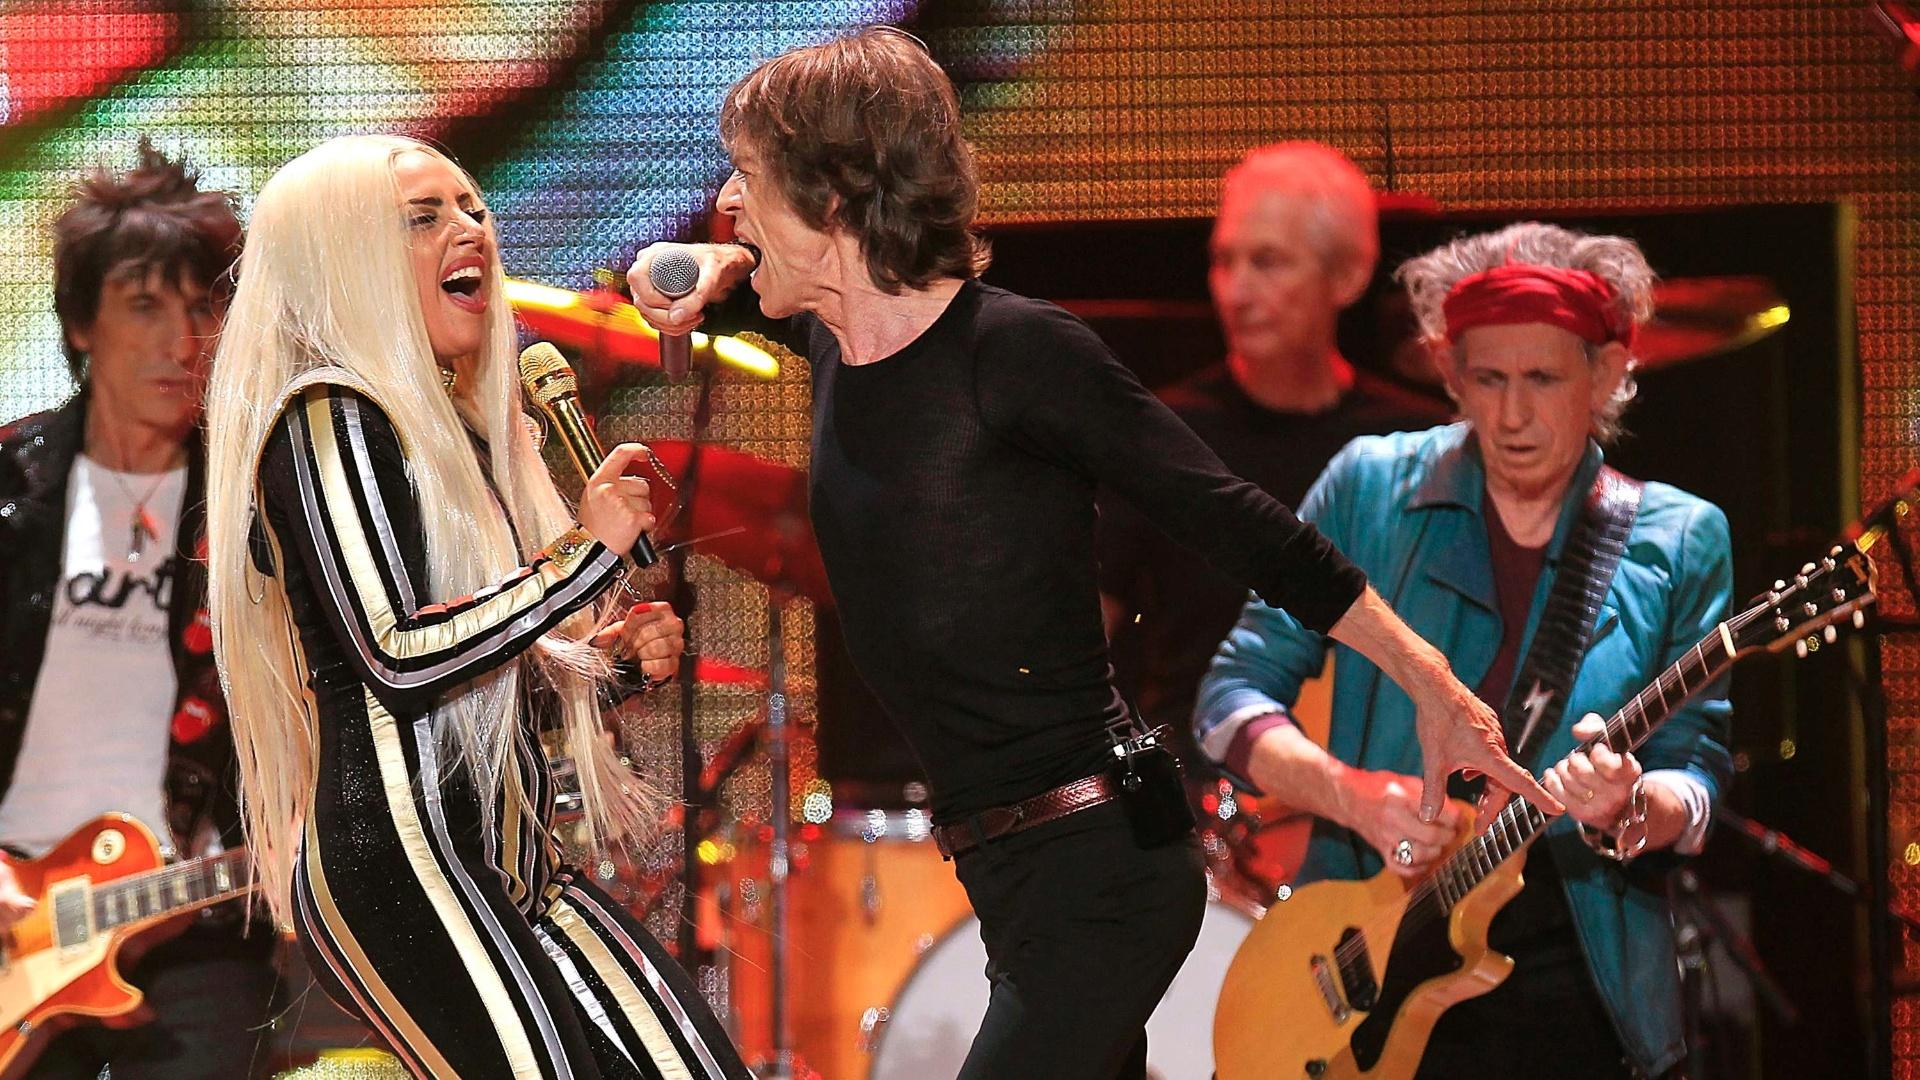 16.dez.2012 - Lady Gaga se apresentou com os Rolling Stones do último show da banda em comemoração aos 50 anos de carreira, nos EUA